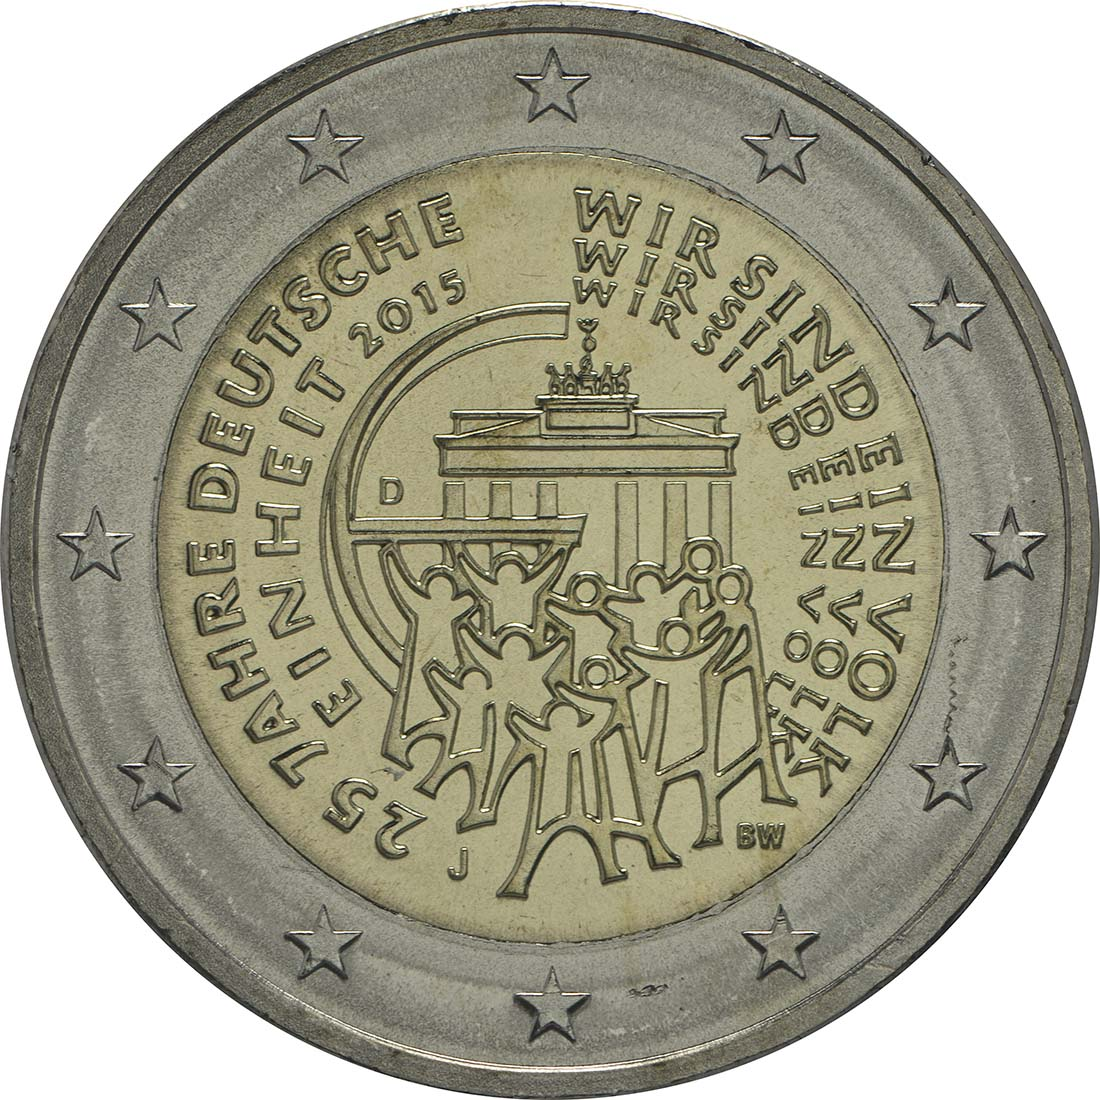 2015 186 Deutschland Einheit.jpg